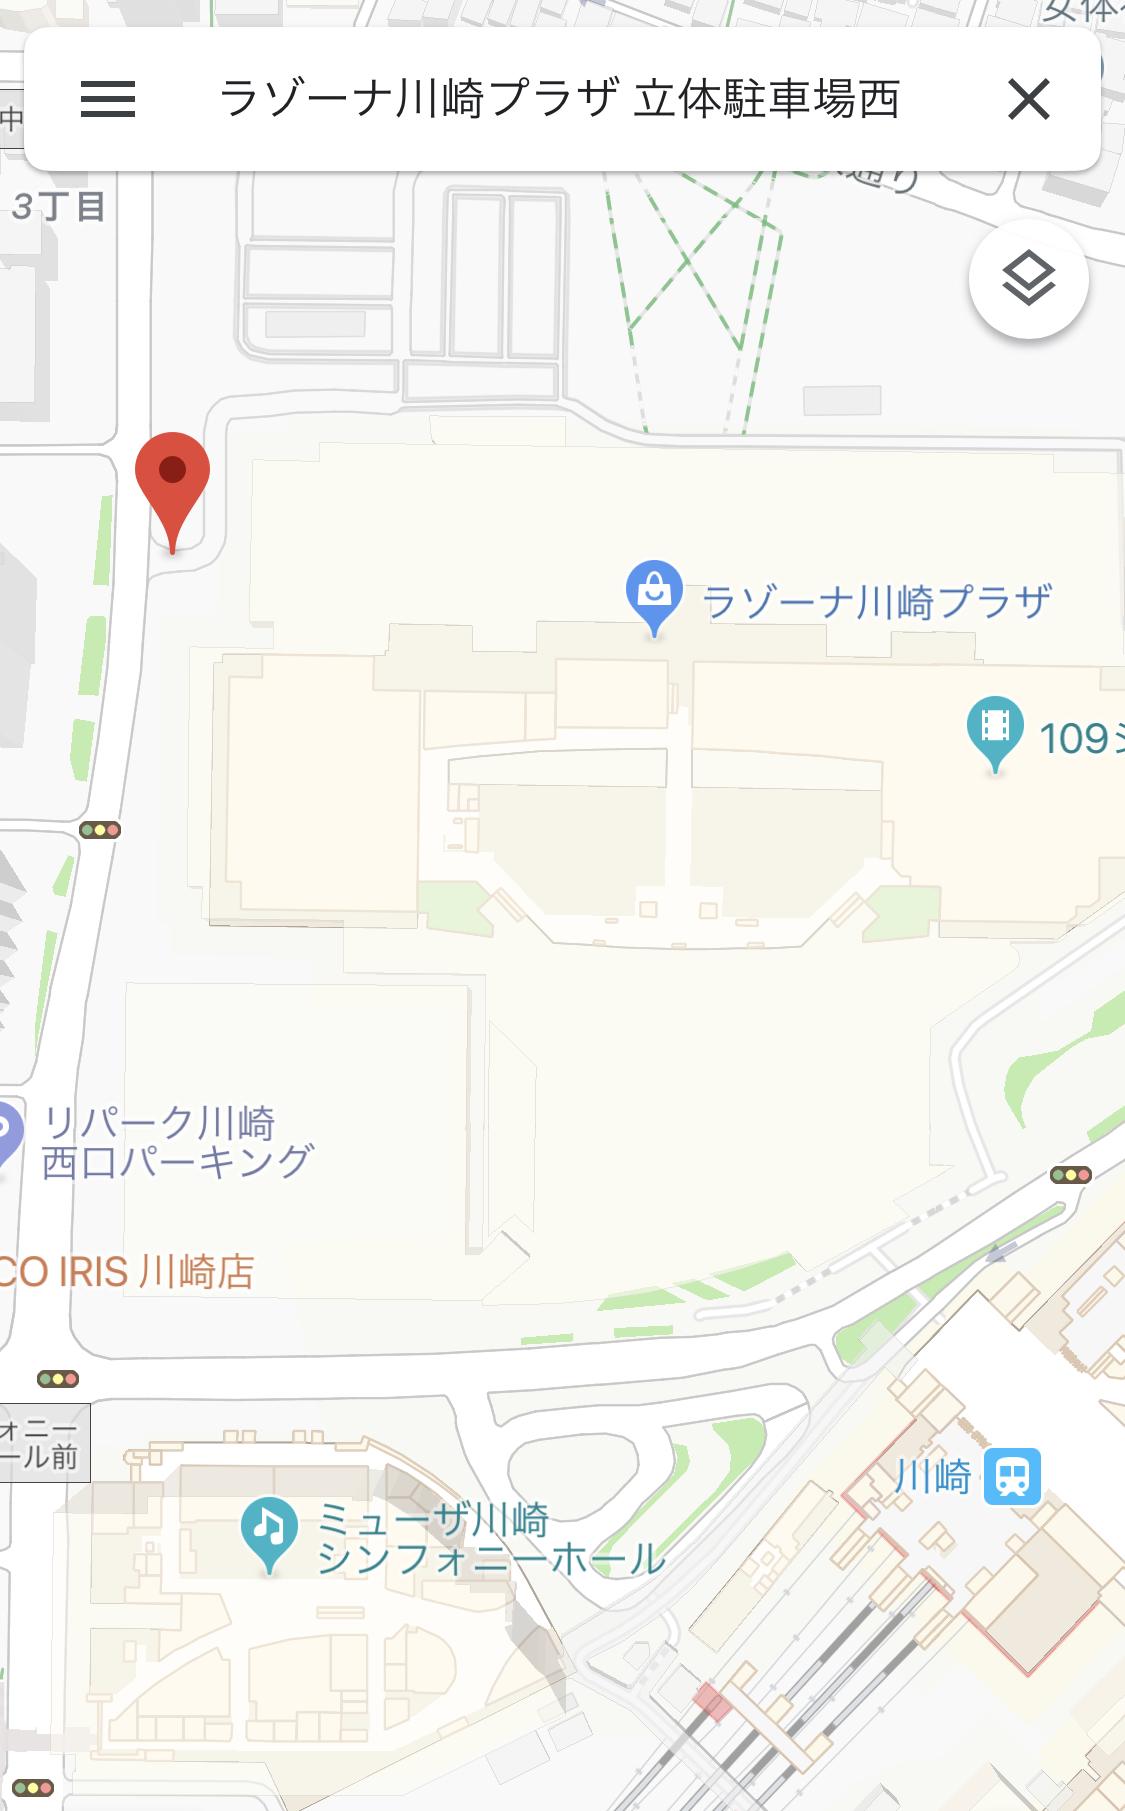 プラザ 車場 駐 川崎 ラゾーナ